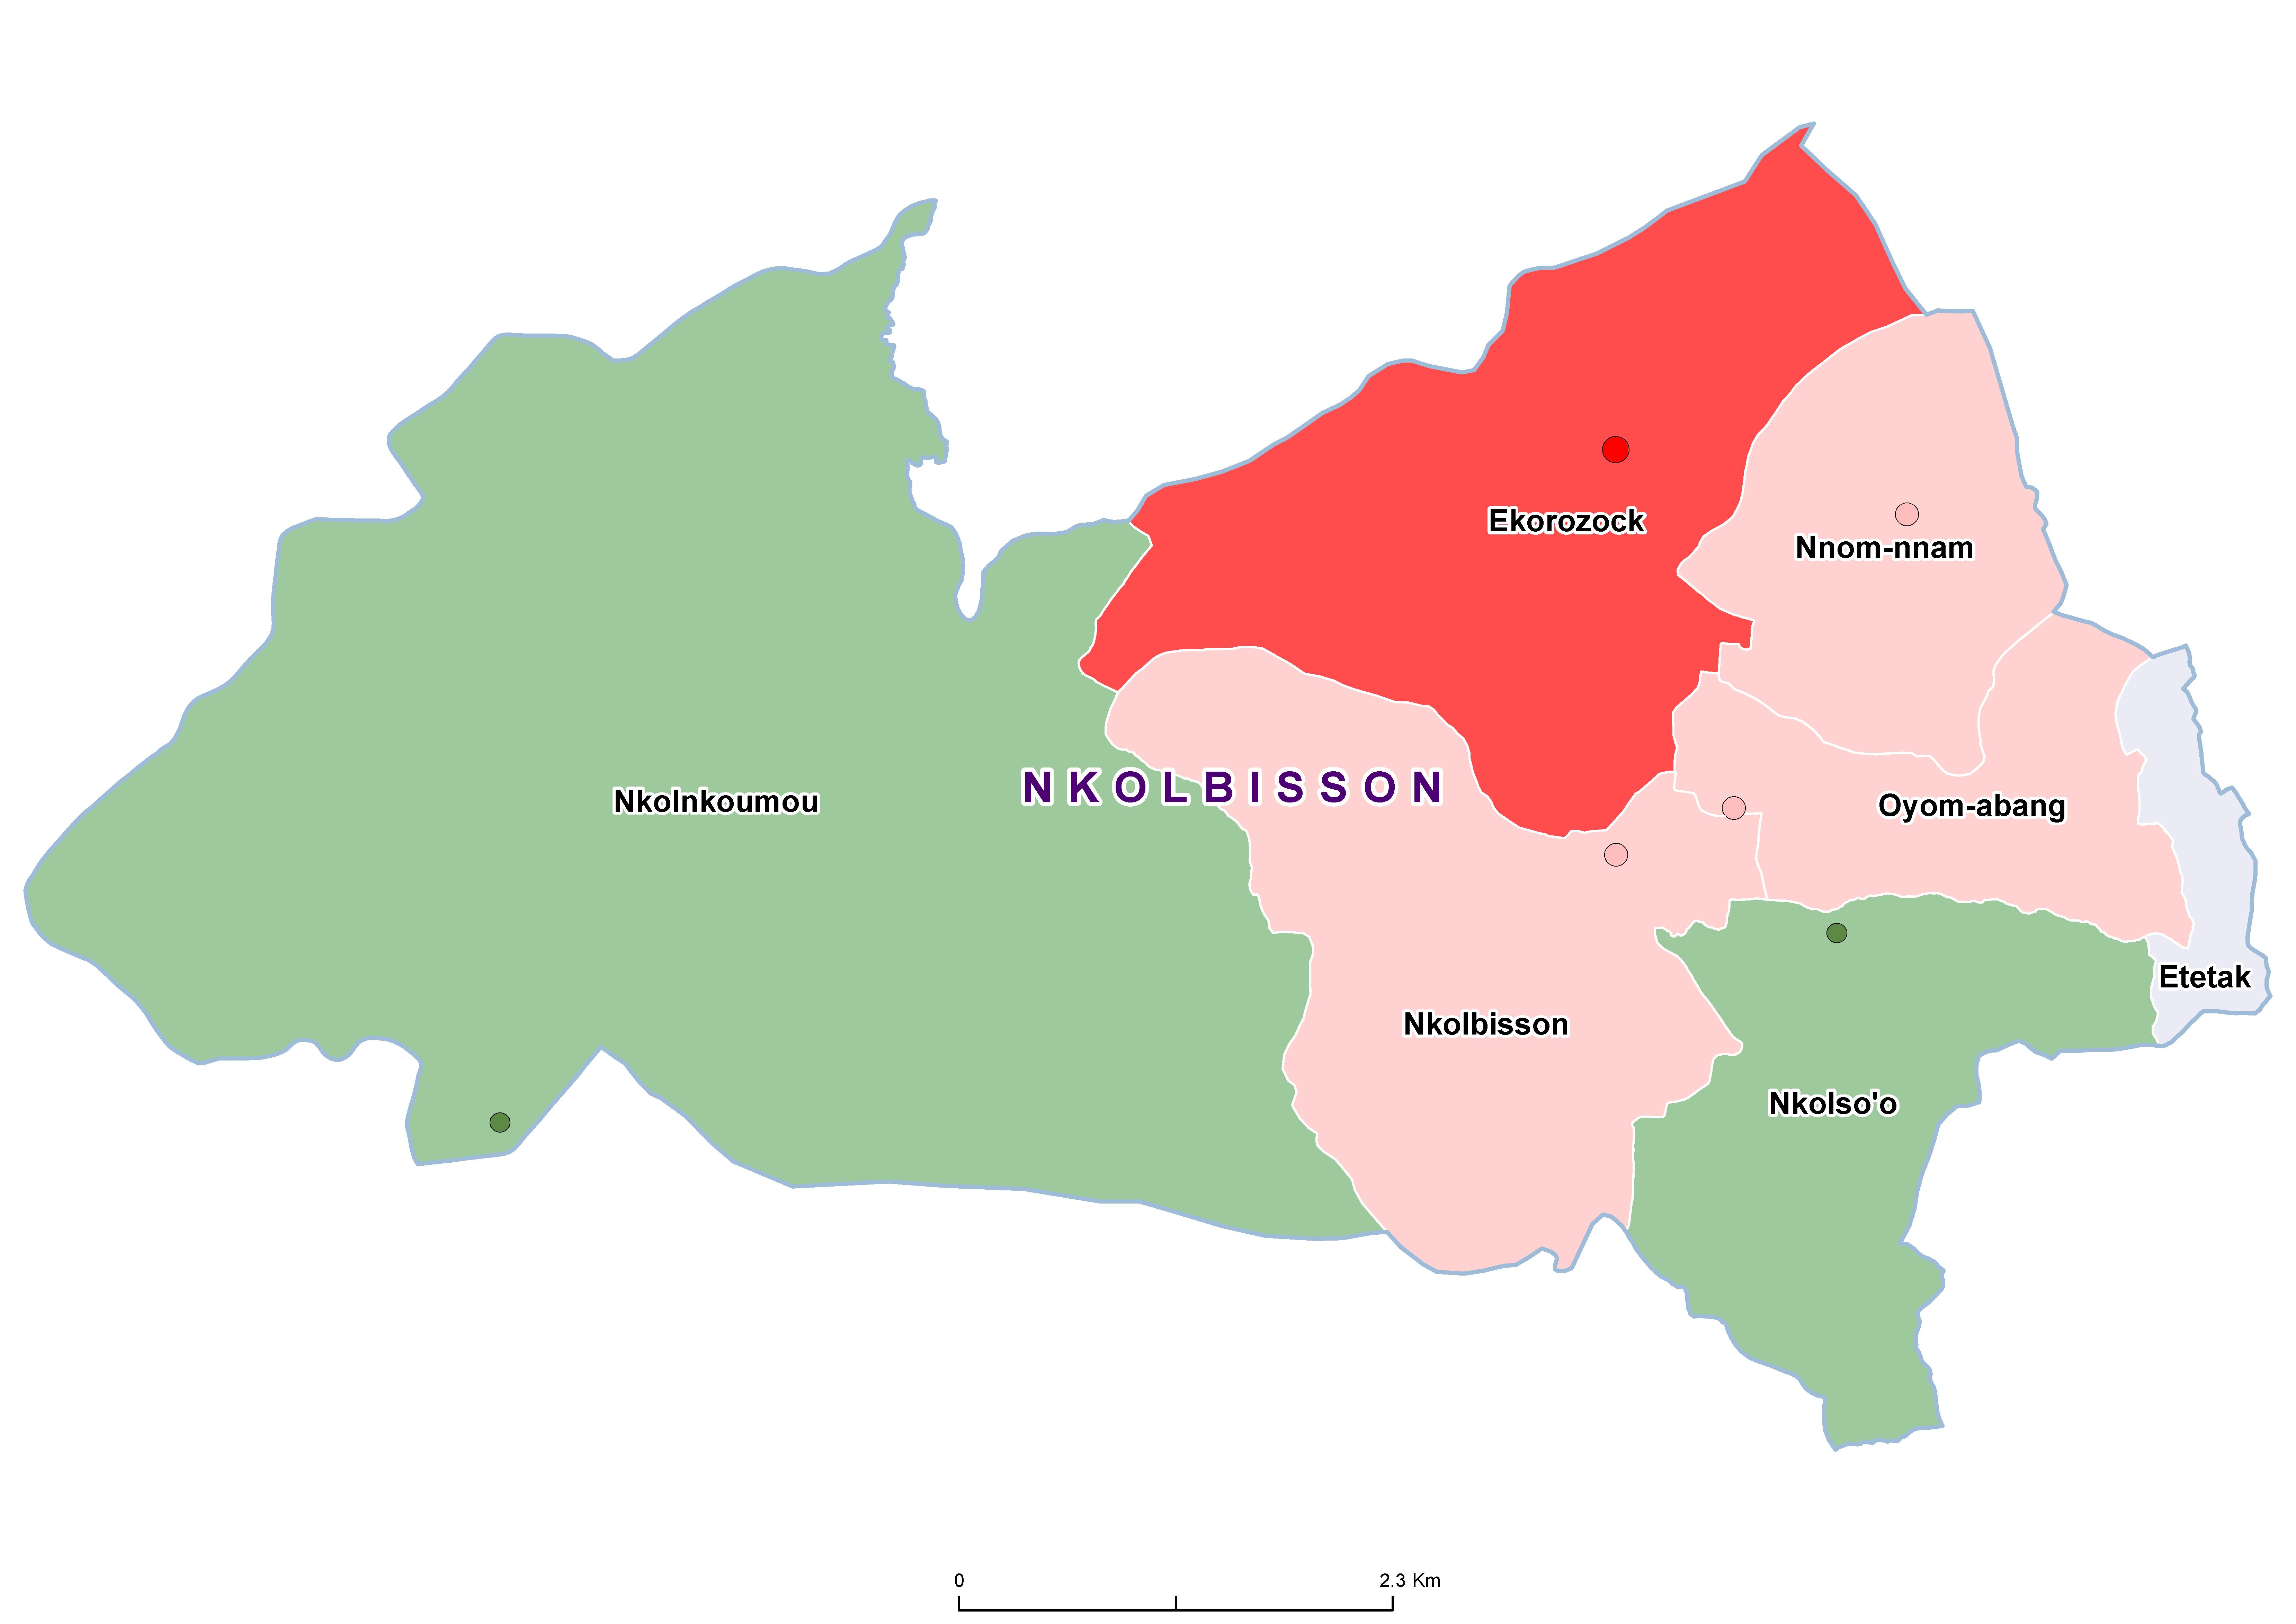 Nkolbisson SCH 20180001